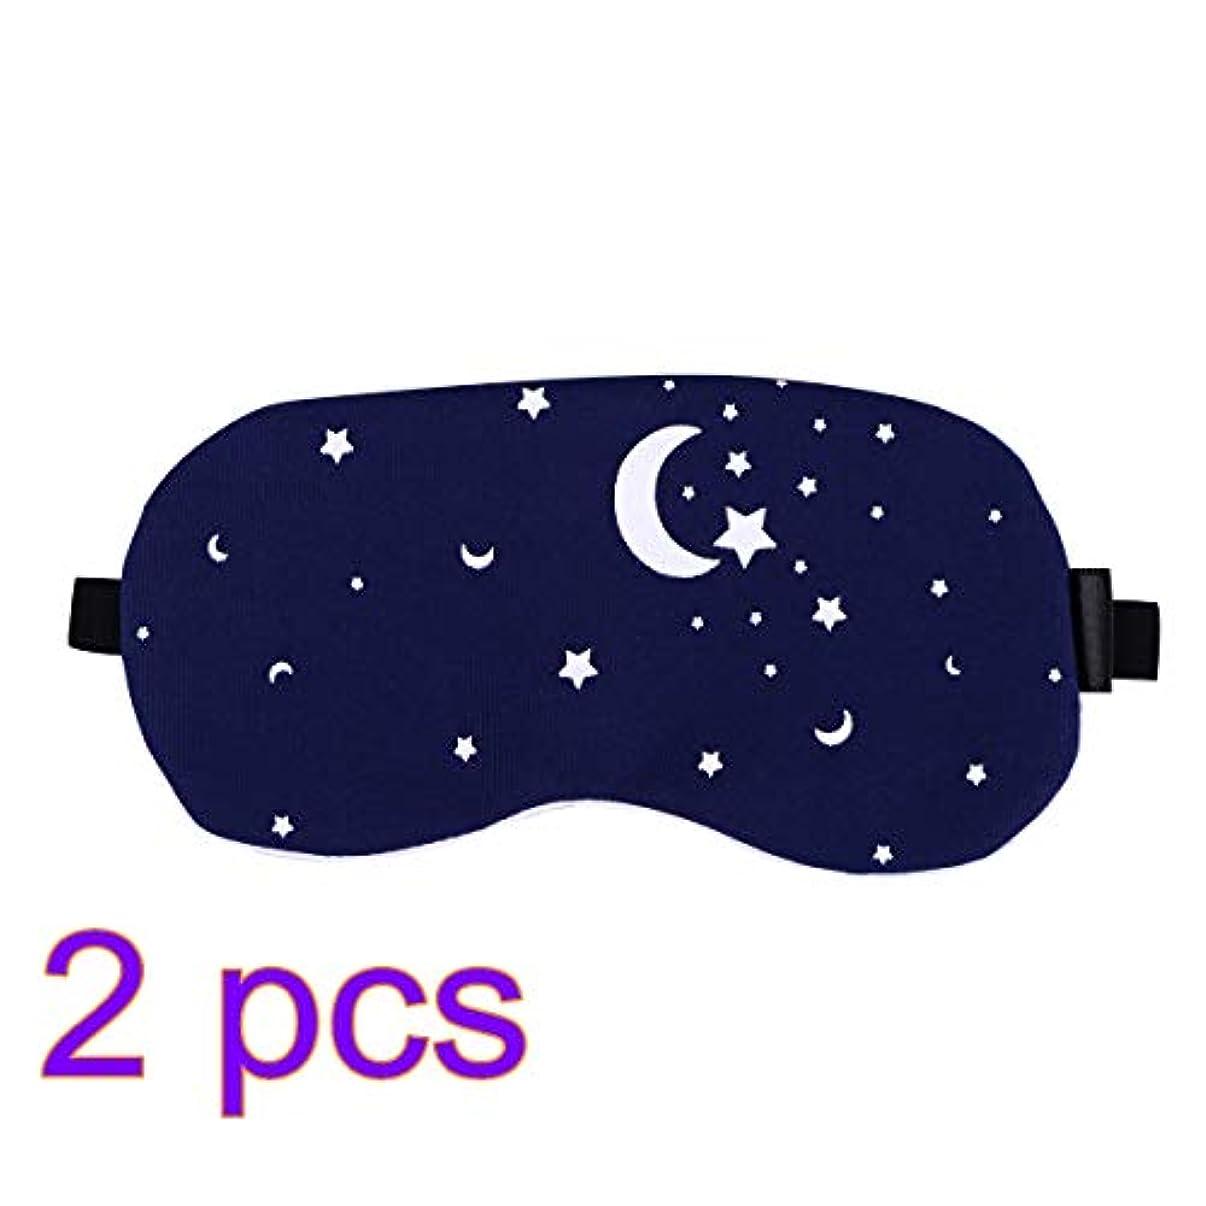 設計サワーまろやかなHealifty コットンとリネンアイスリーピングマスクブラインドパッチアジャストストラップコールド/ホットジェルストレス緩和用女性のためのふくらんでいる目の頭痛を解消2pcs(Starry Sky)